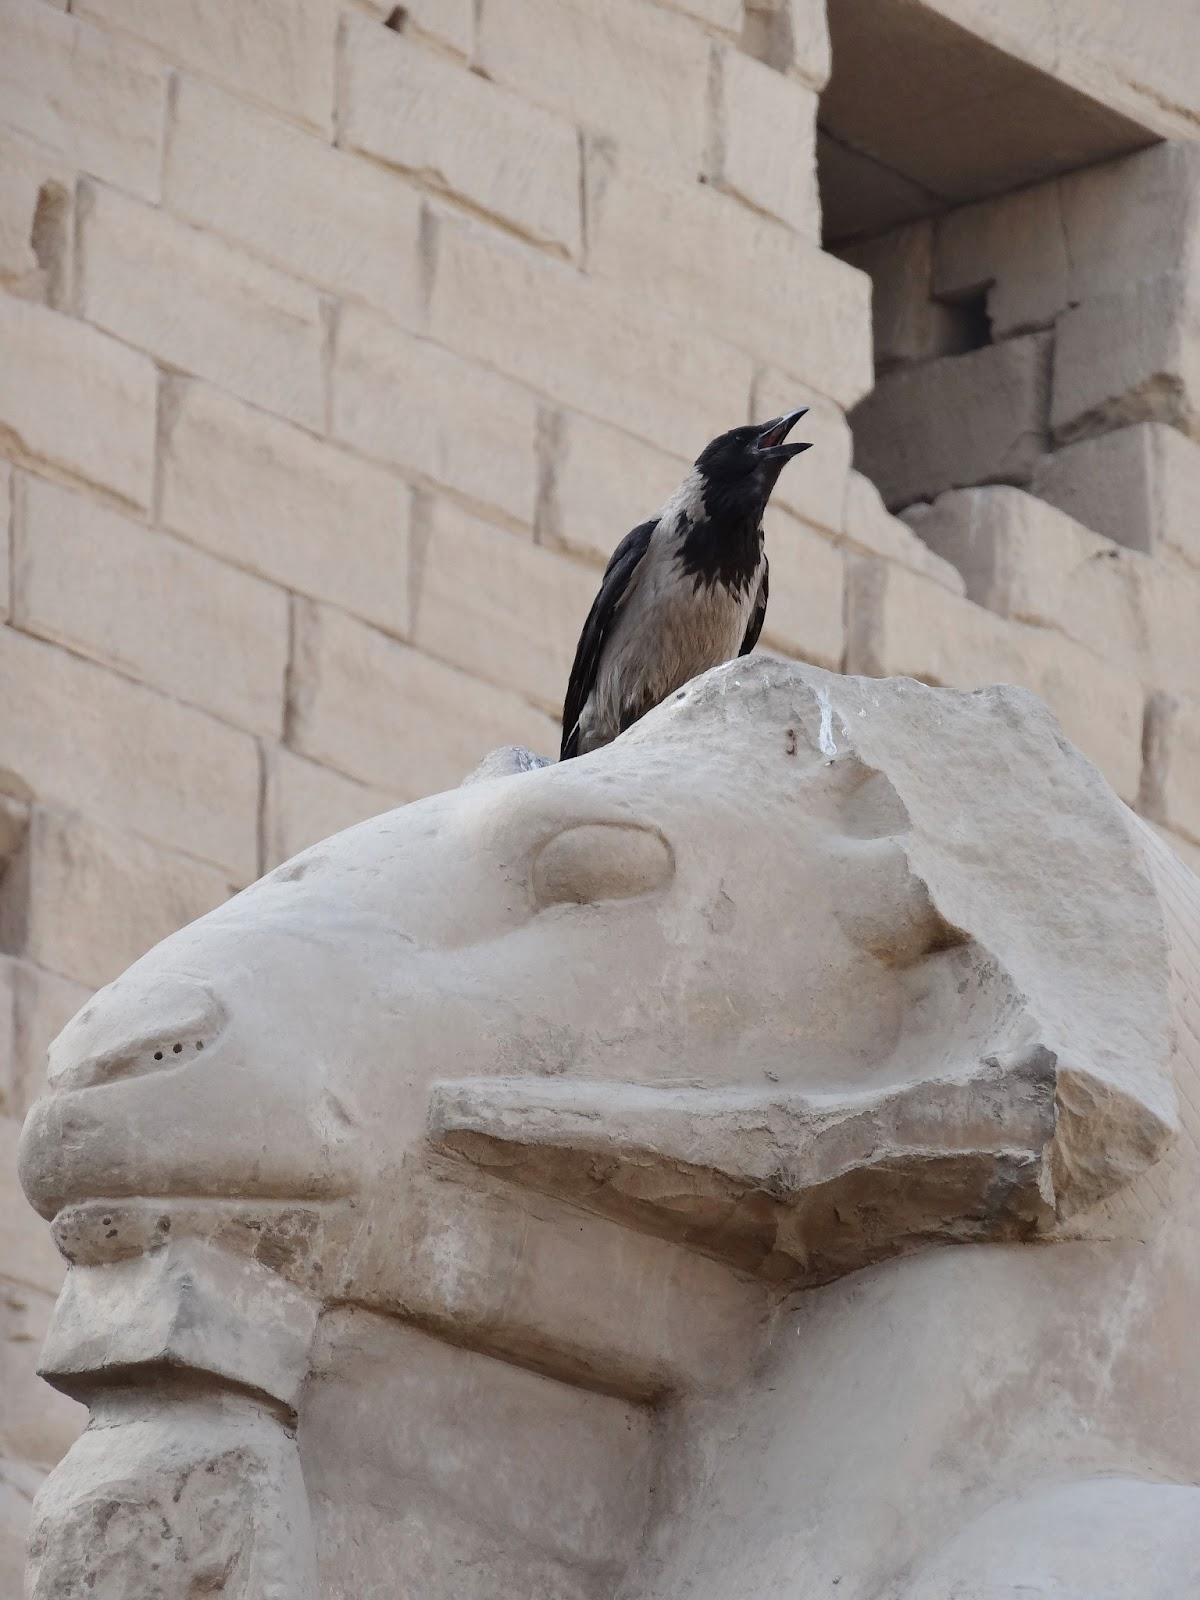 エジプトにいた鳥(からす?)